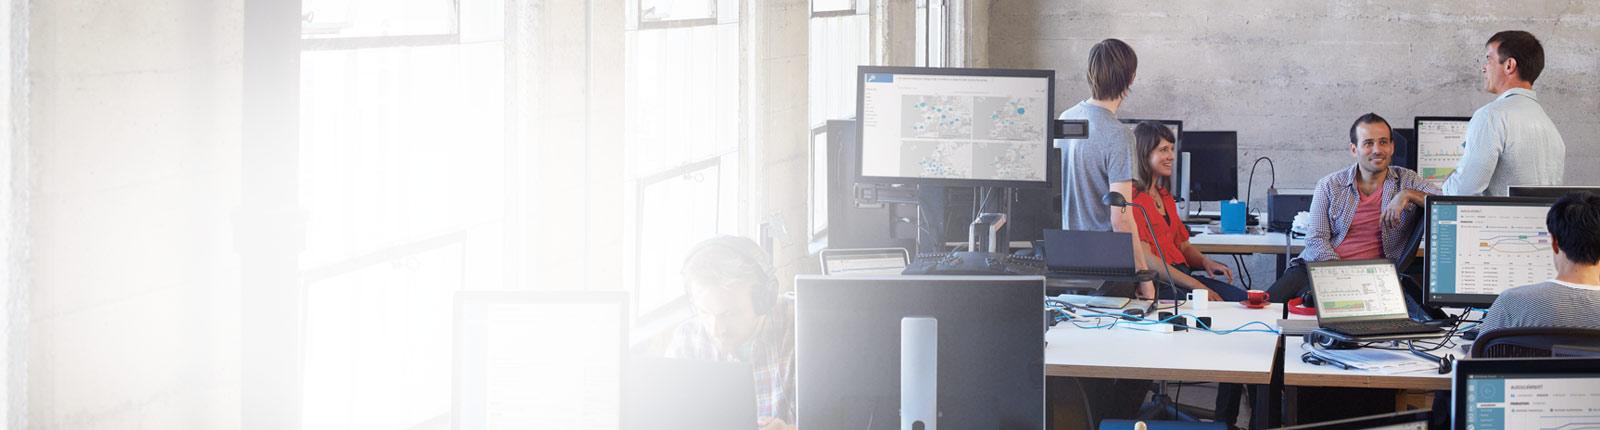 Cinci persoane care lucrează la desktopurile lor într-un birou, utilizând Office 365.